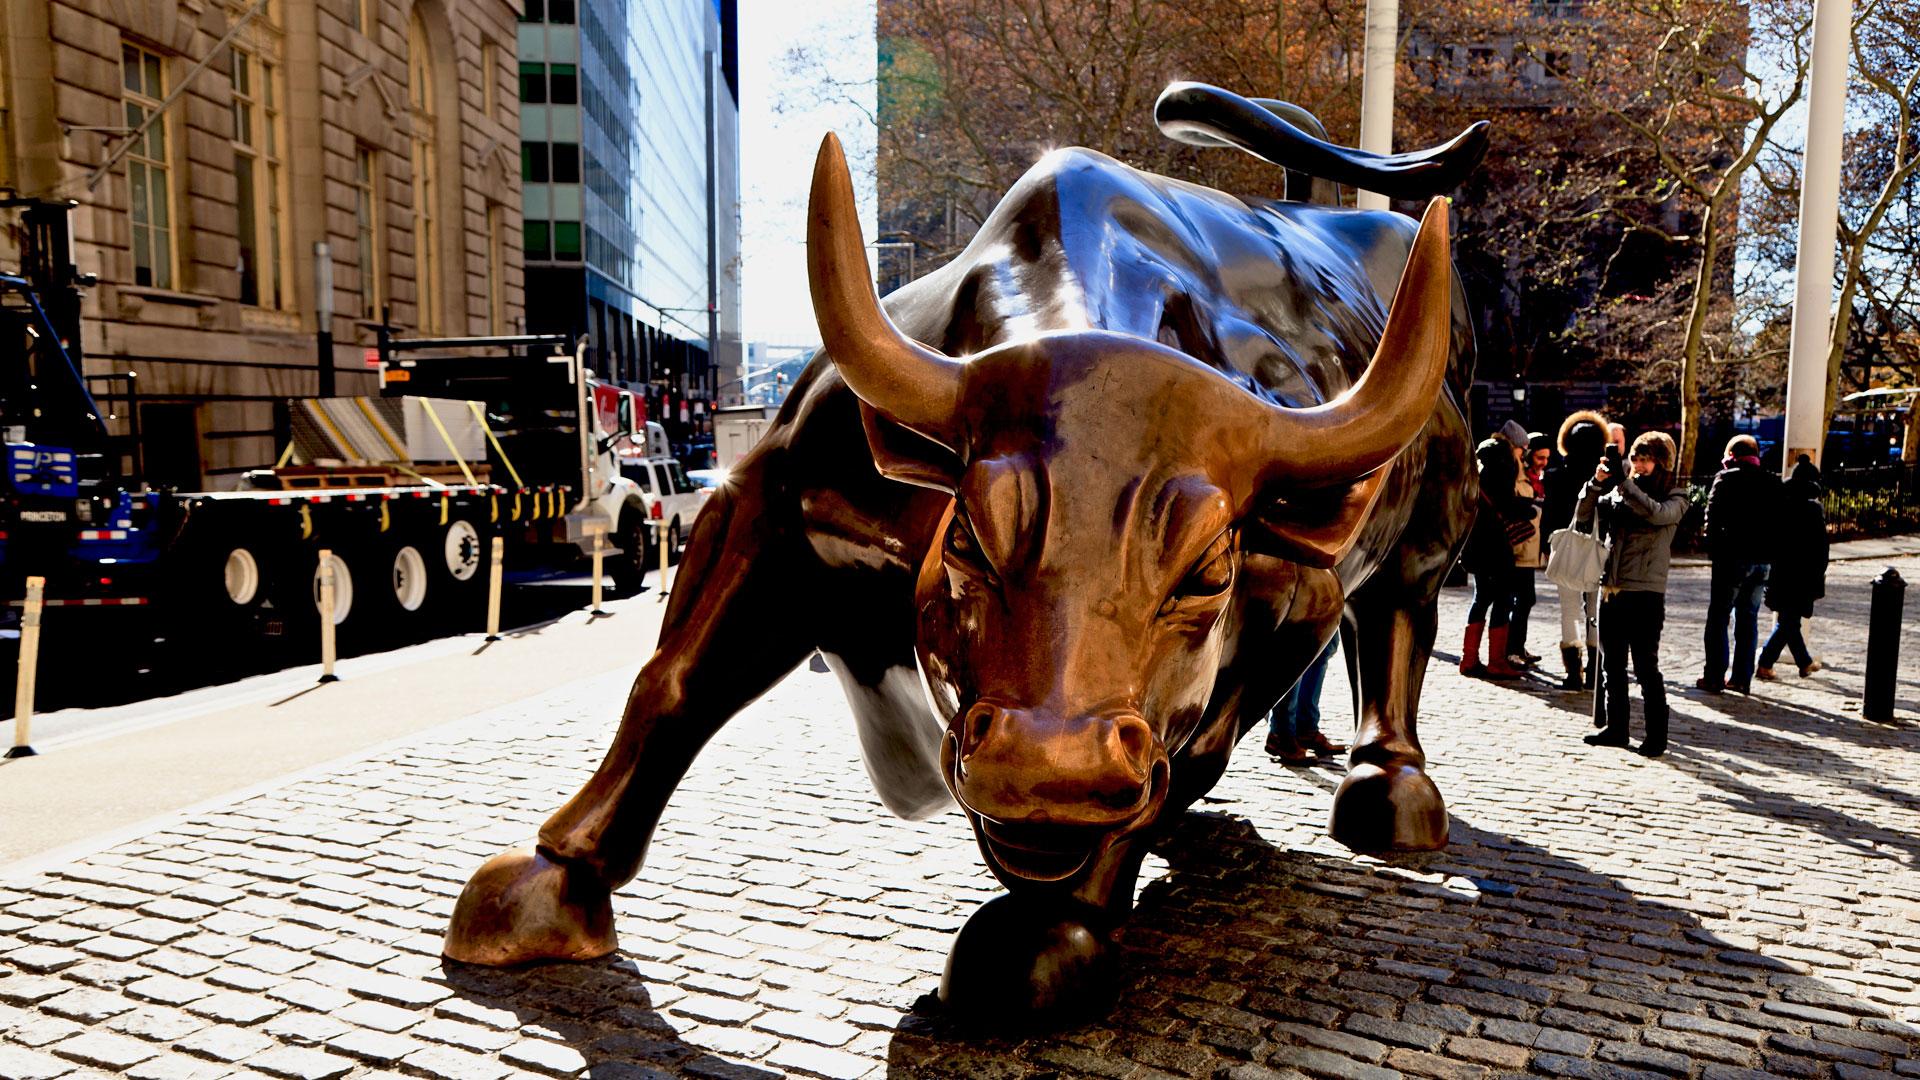 La tasa del Bono del Tesoro norteamericano a 10 años que llegó a 3,12% (iStock)